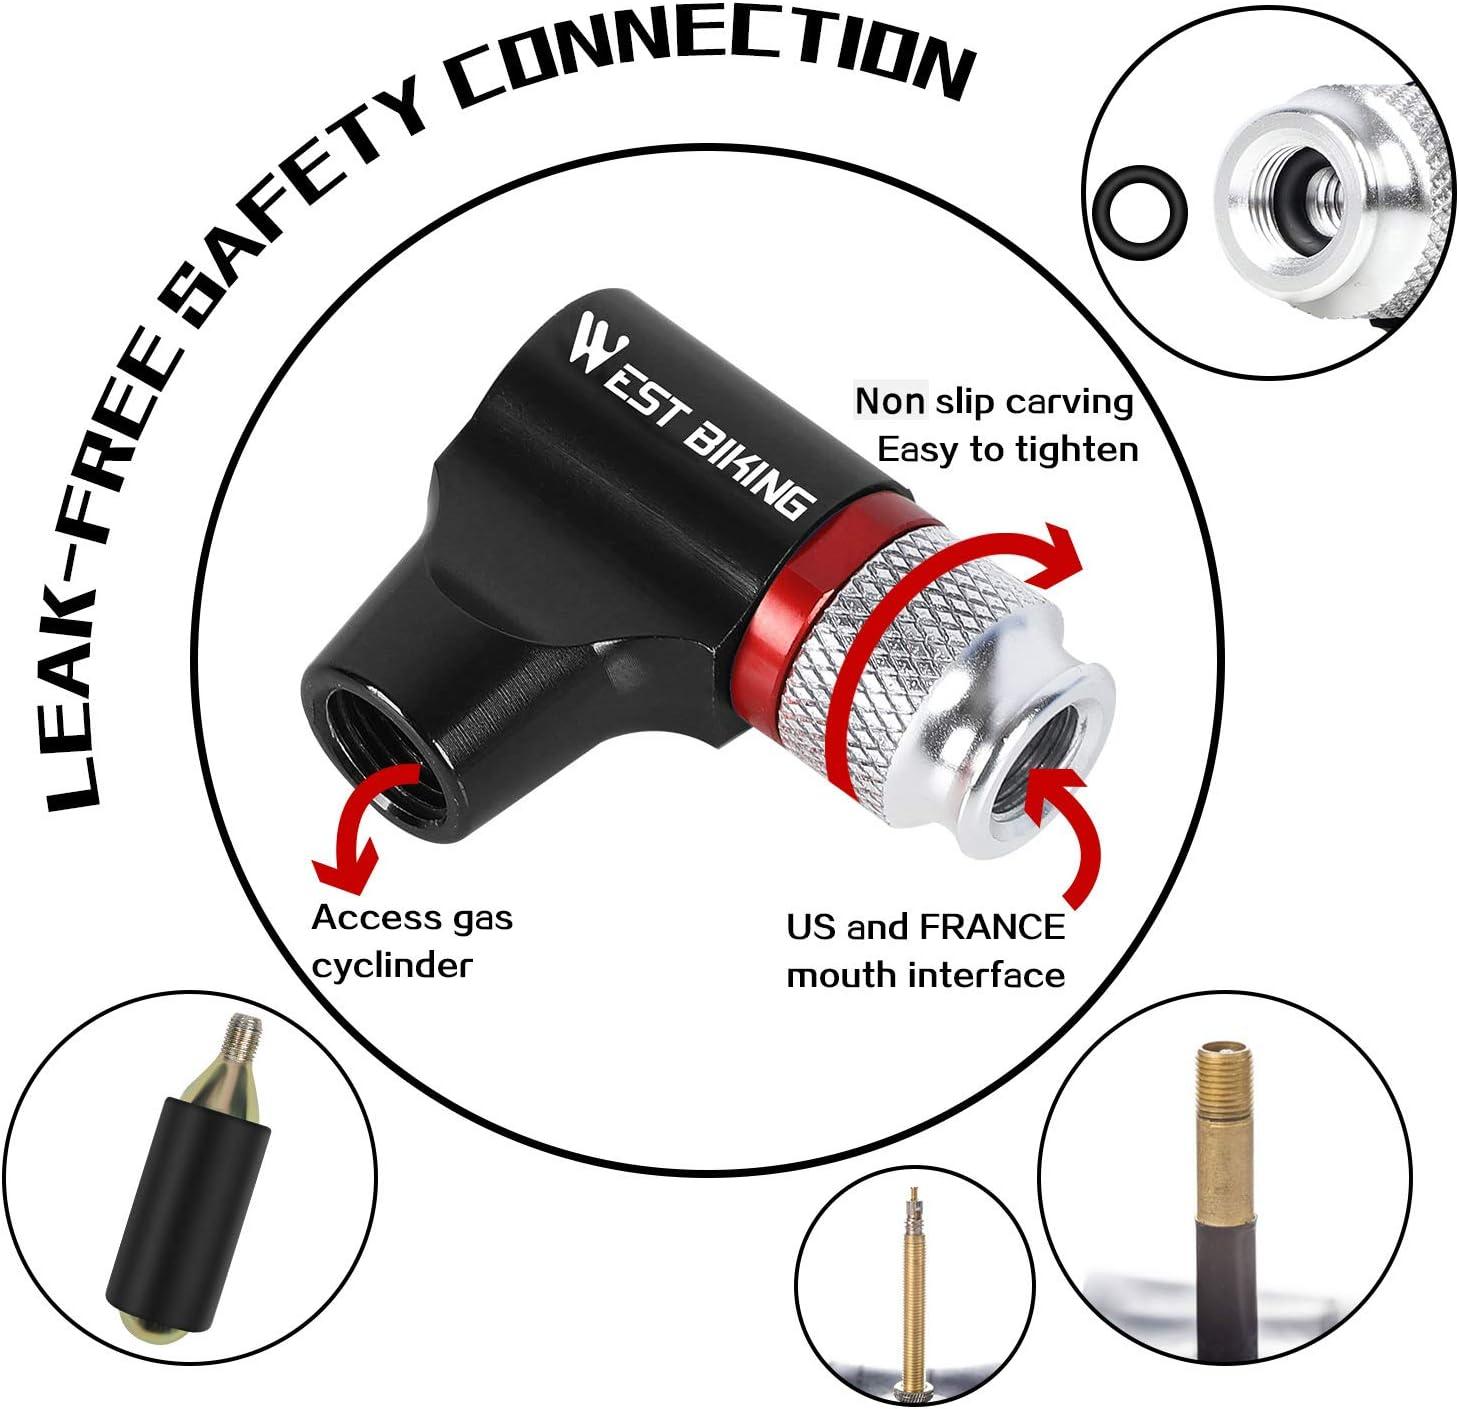 WEST BIKING Bike CO2 Inflator w// Insulated Sleeve No CO2 Cartridge Included